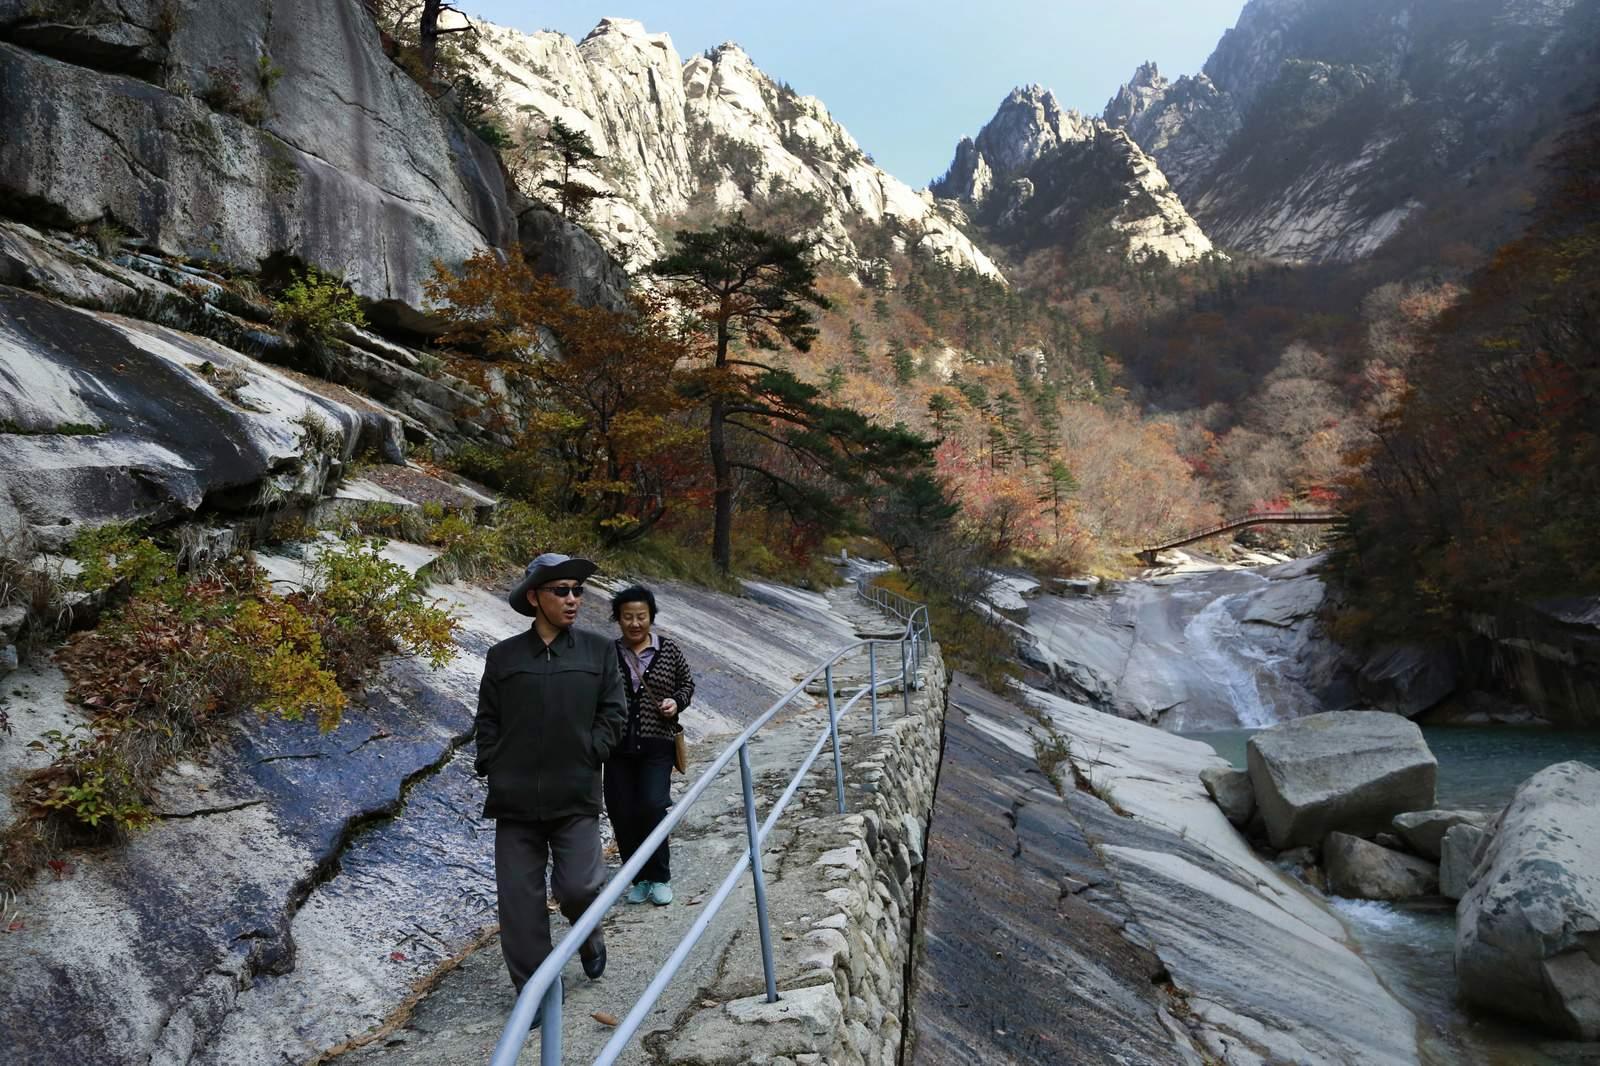 Escaping Coronavirus: North Korea Tourist Resort wants Chinese Visitors